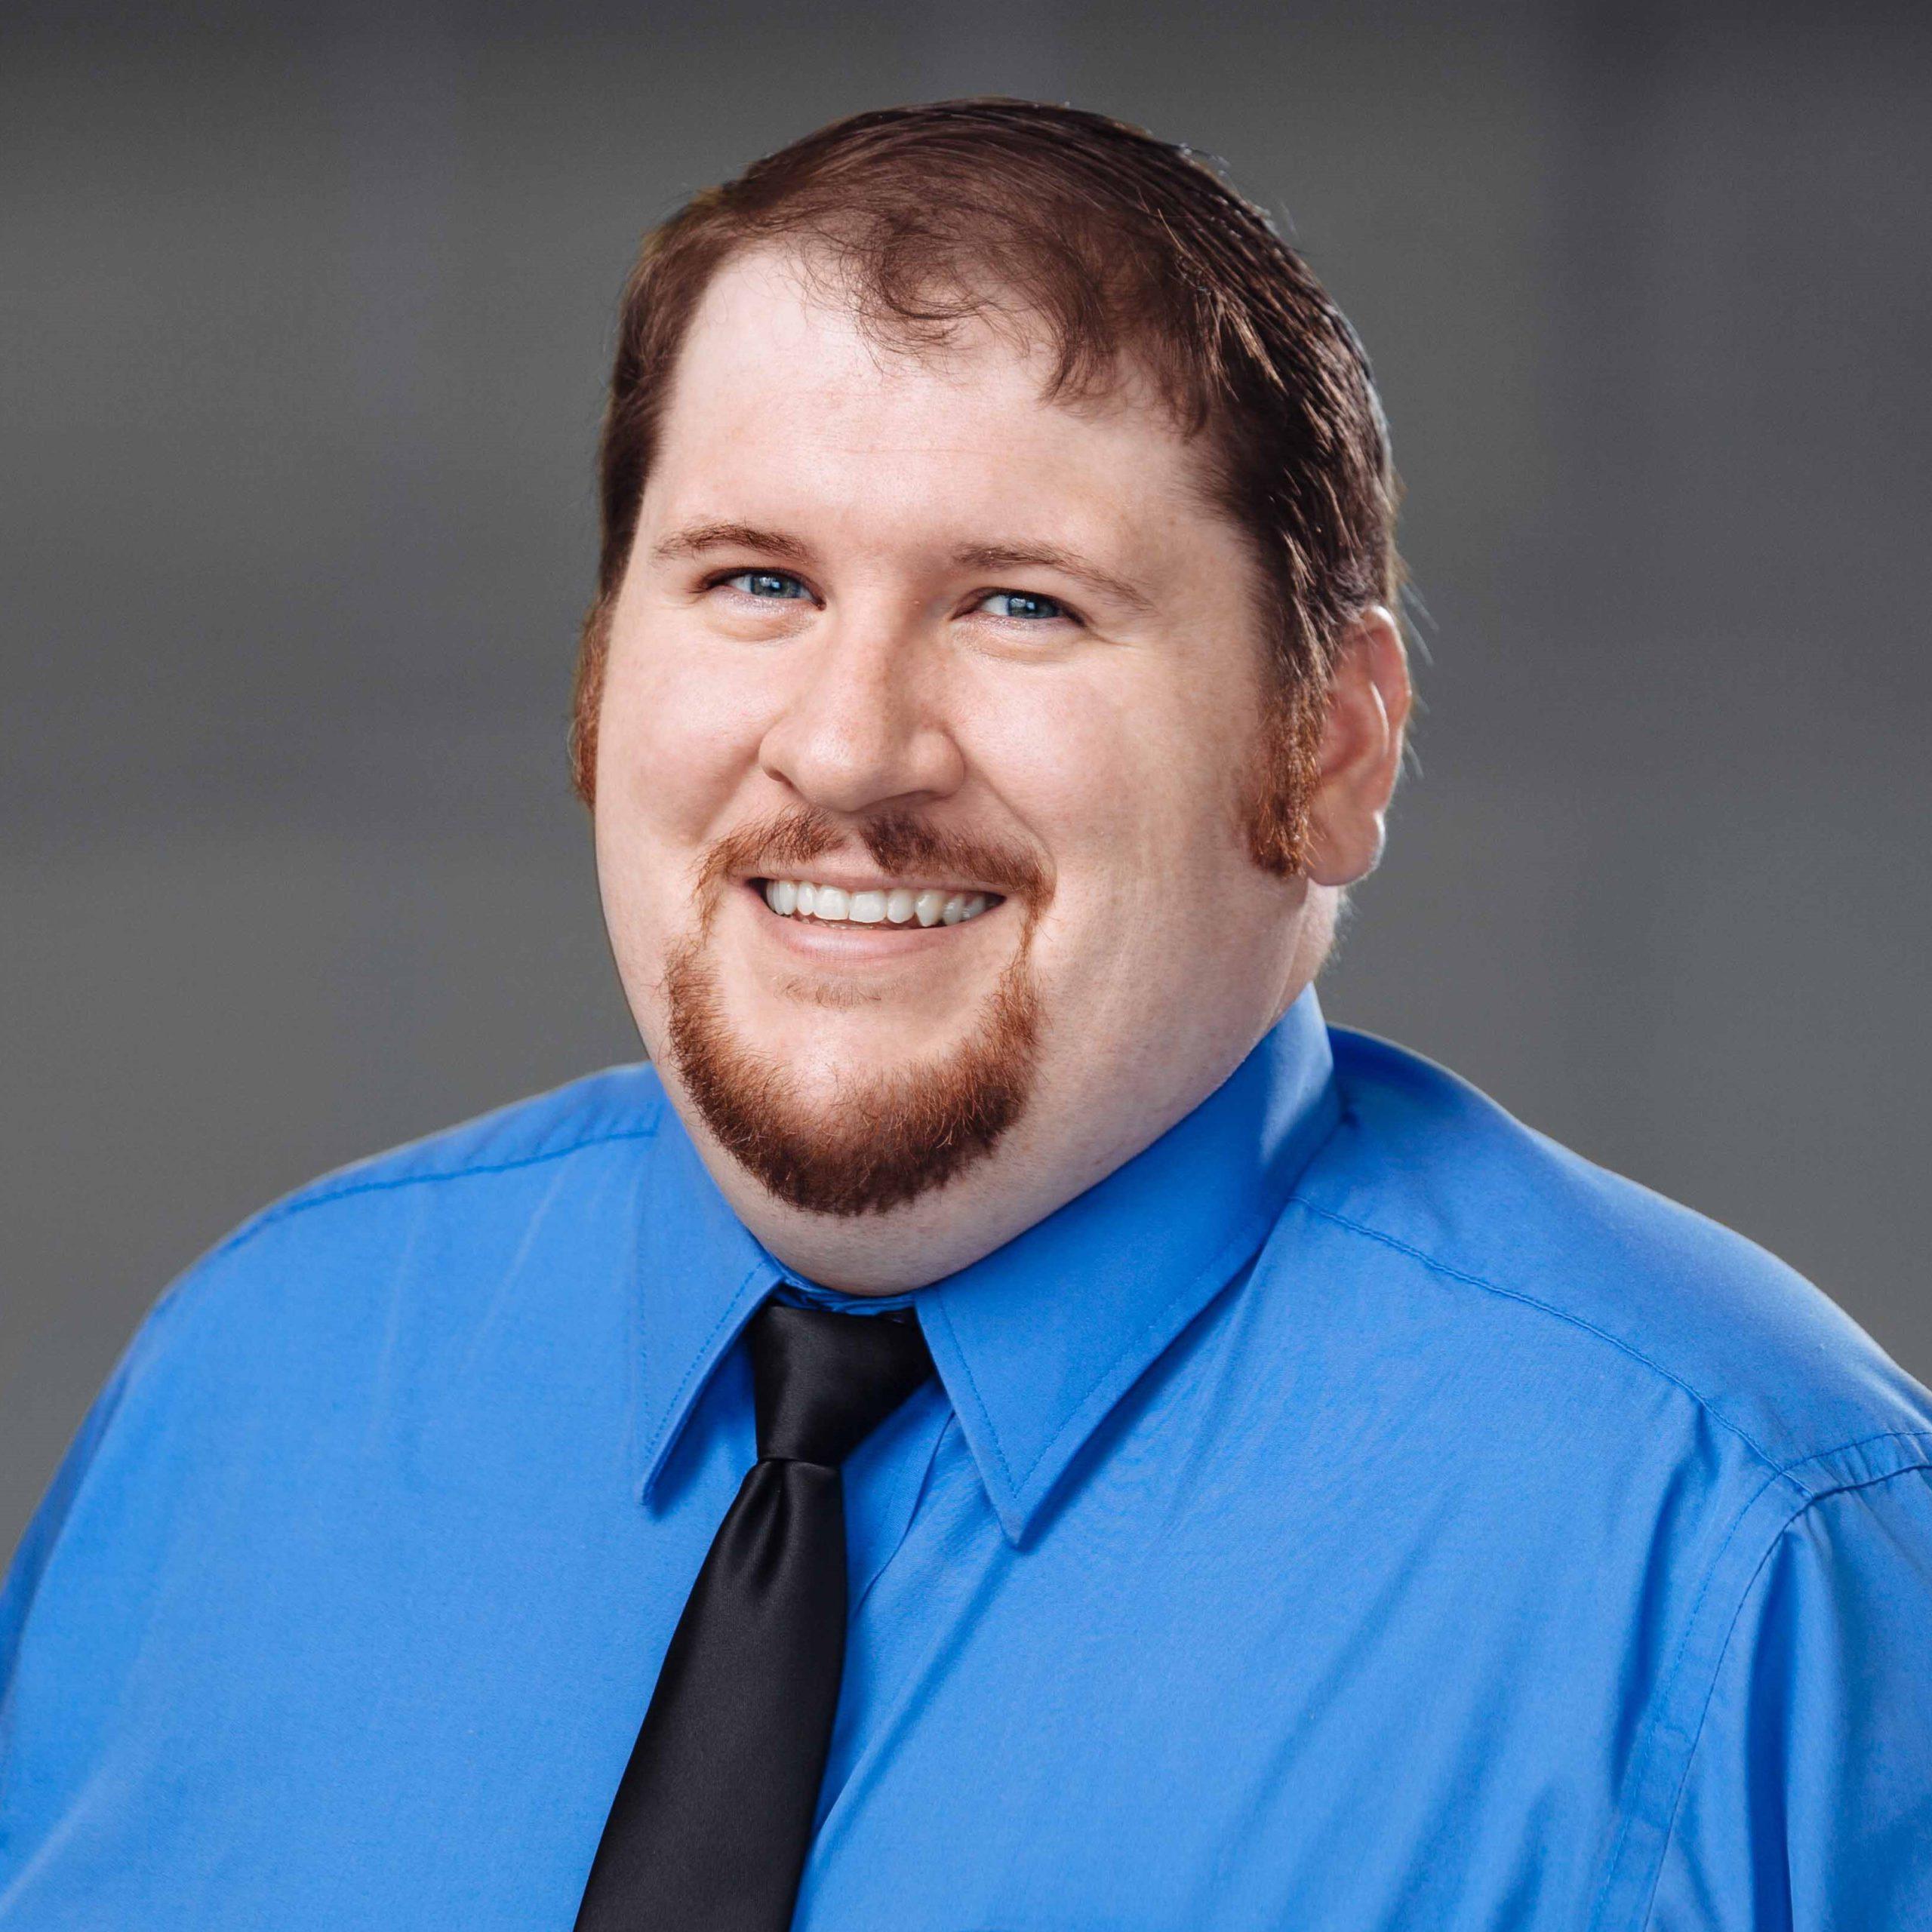 Aaron Reddick